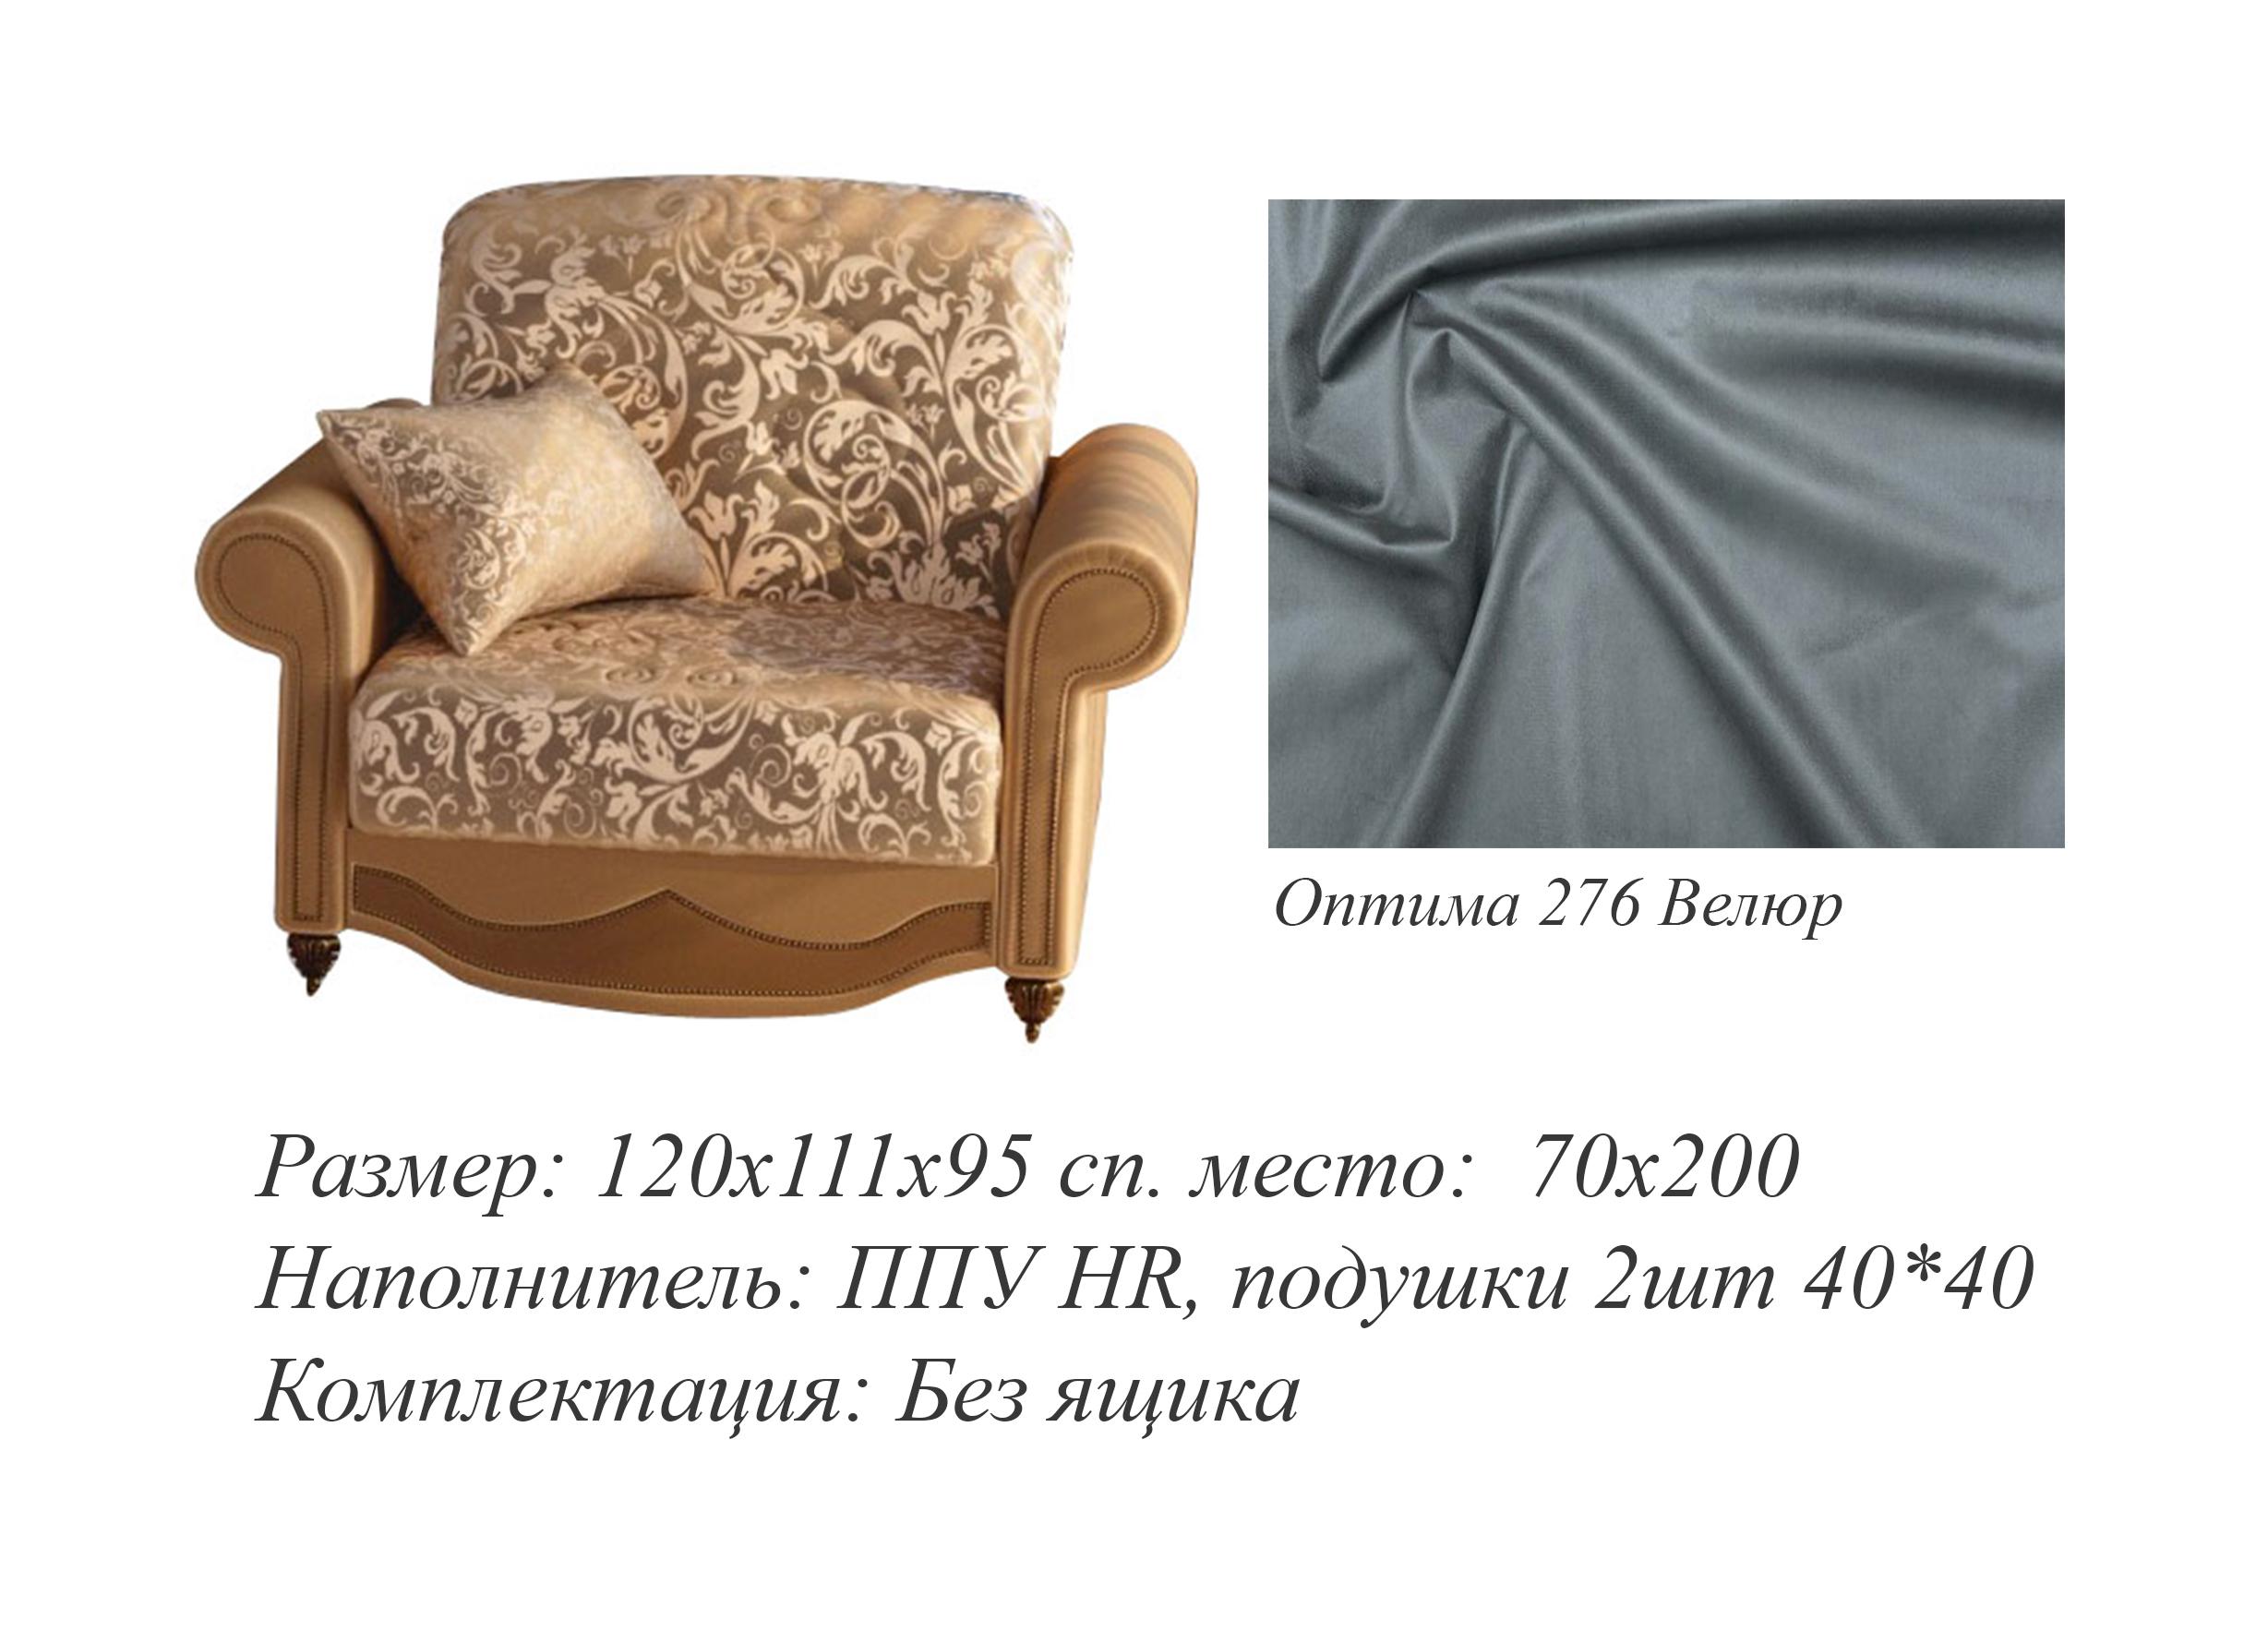 Кресло-кровать Пенфей л528 — Кресло-кровать Пенфей